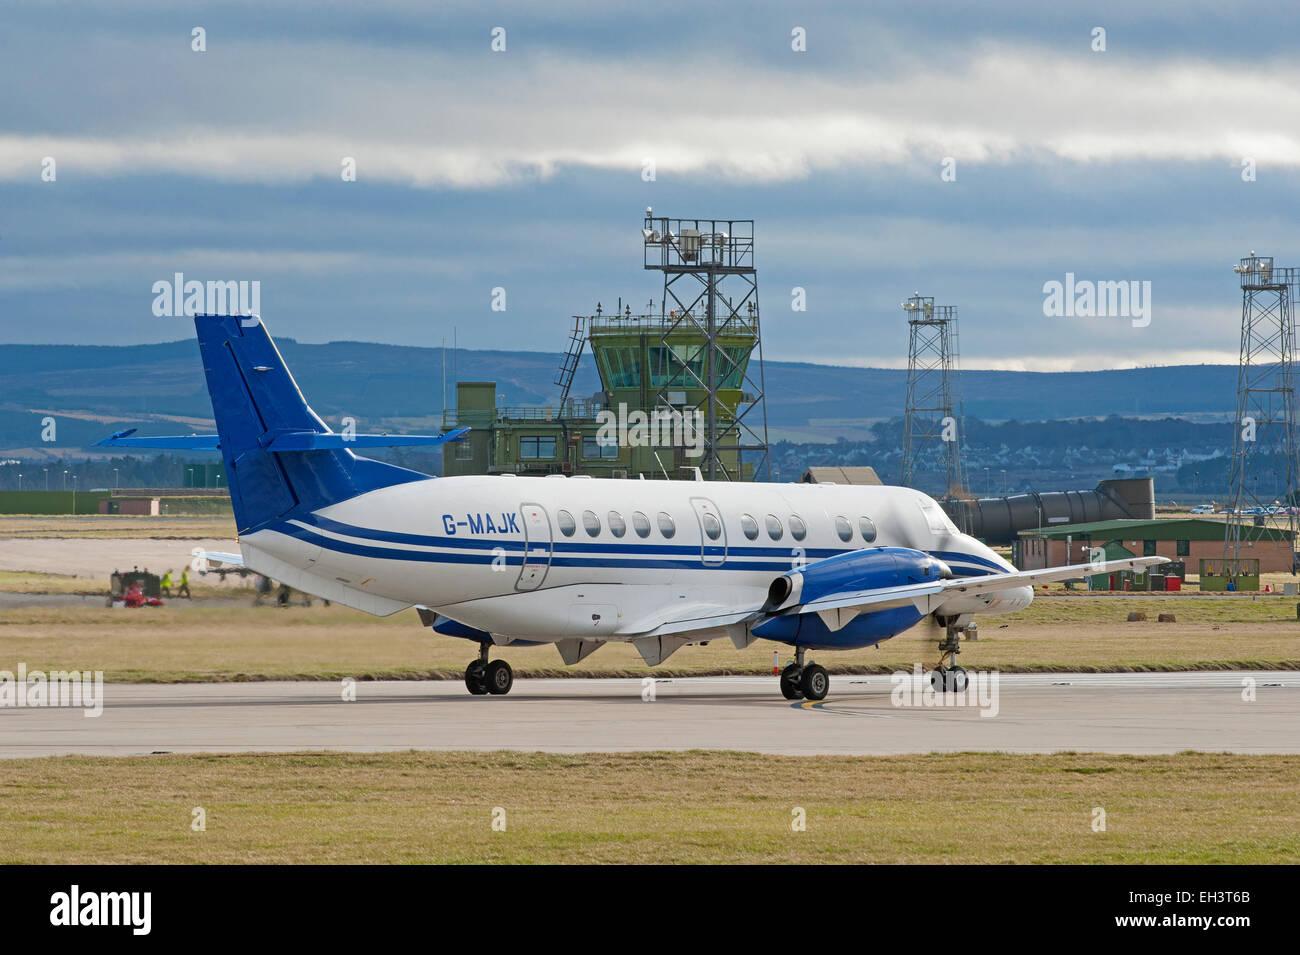 BAe Jetstream 4102 Turboprop short haul regional passenger transport commuter Civil airliner.  SCO 9616. - Stock Image